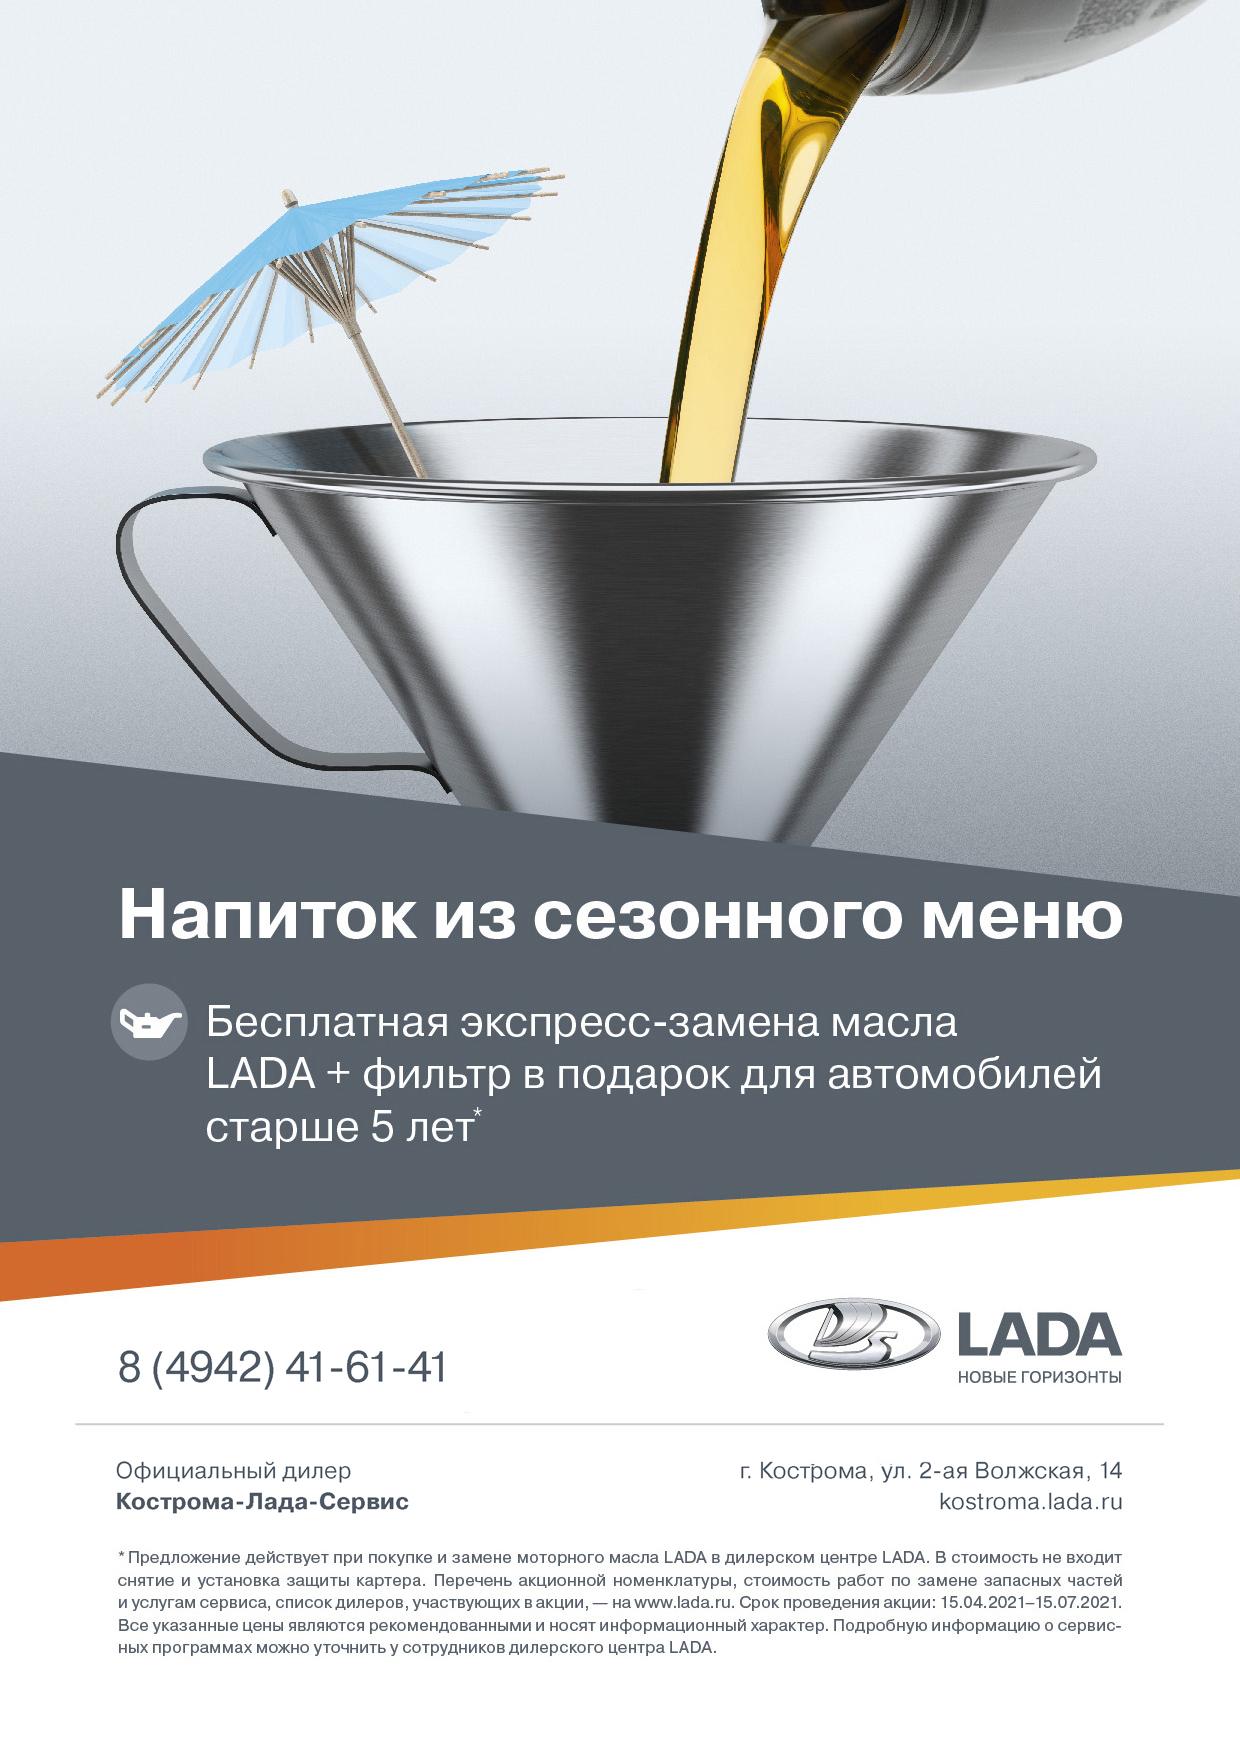 Бесплатная экспресс-замена масла LADA+фильтр в подарок для автомобилей старше 5 лет